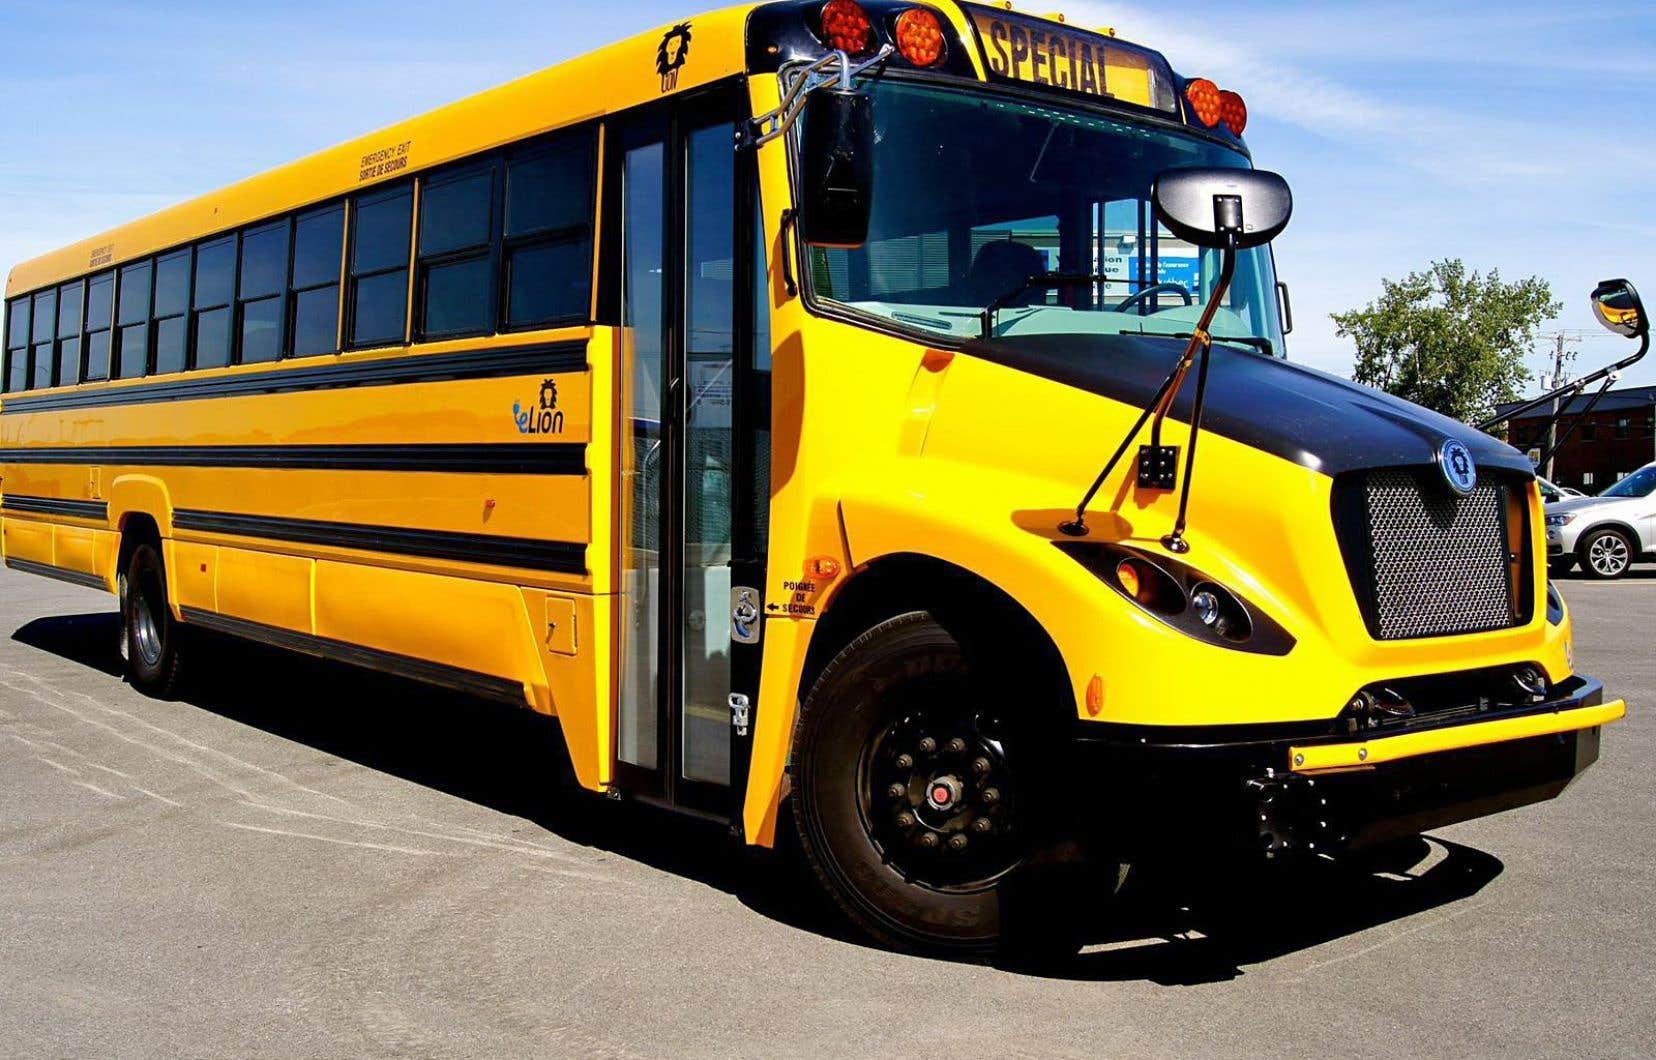 Les véhicules conçus par Autobus Lion ont une autonomie d'au moins 90 km, mais la grande majorité des bus scolaires circulent sur des trajets de 65 km et moins.